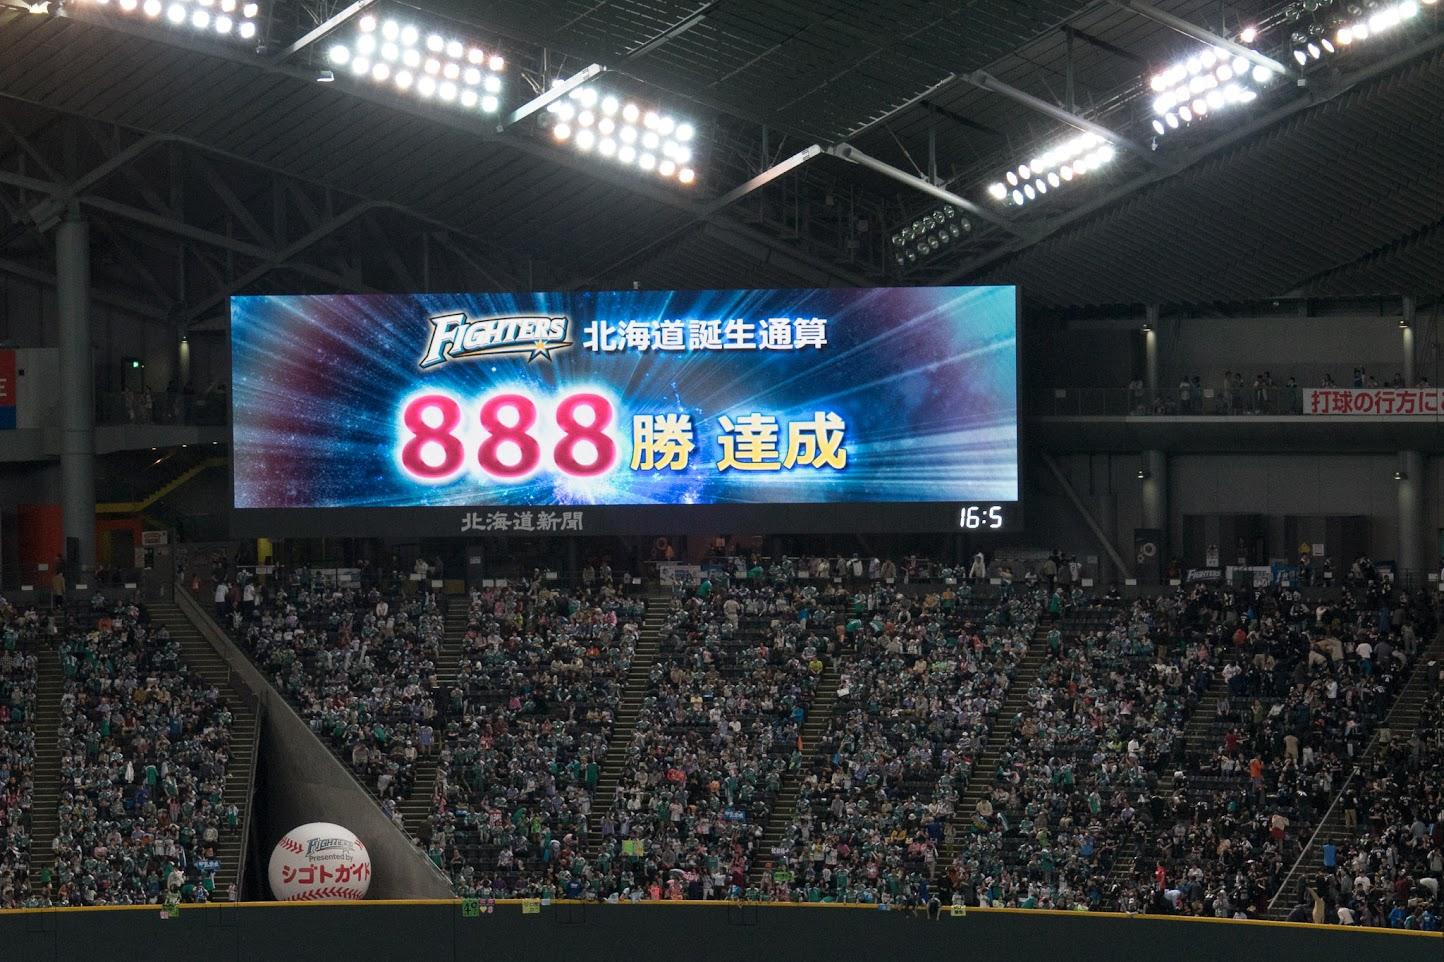 北海道誕生通算888勝達成